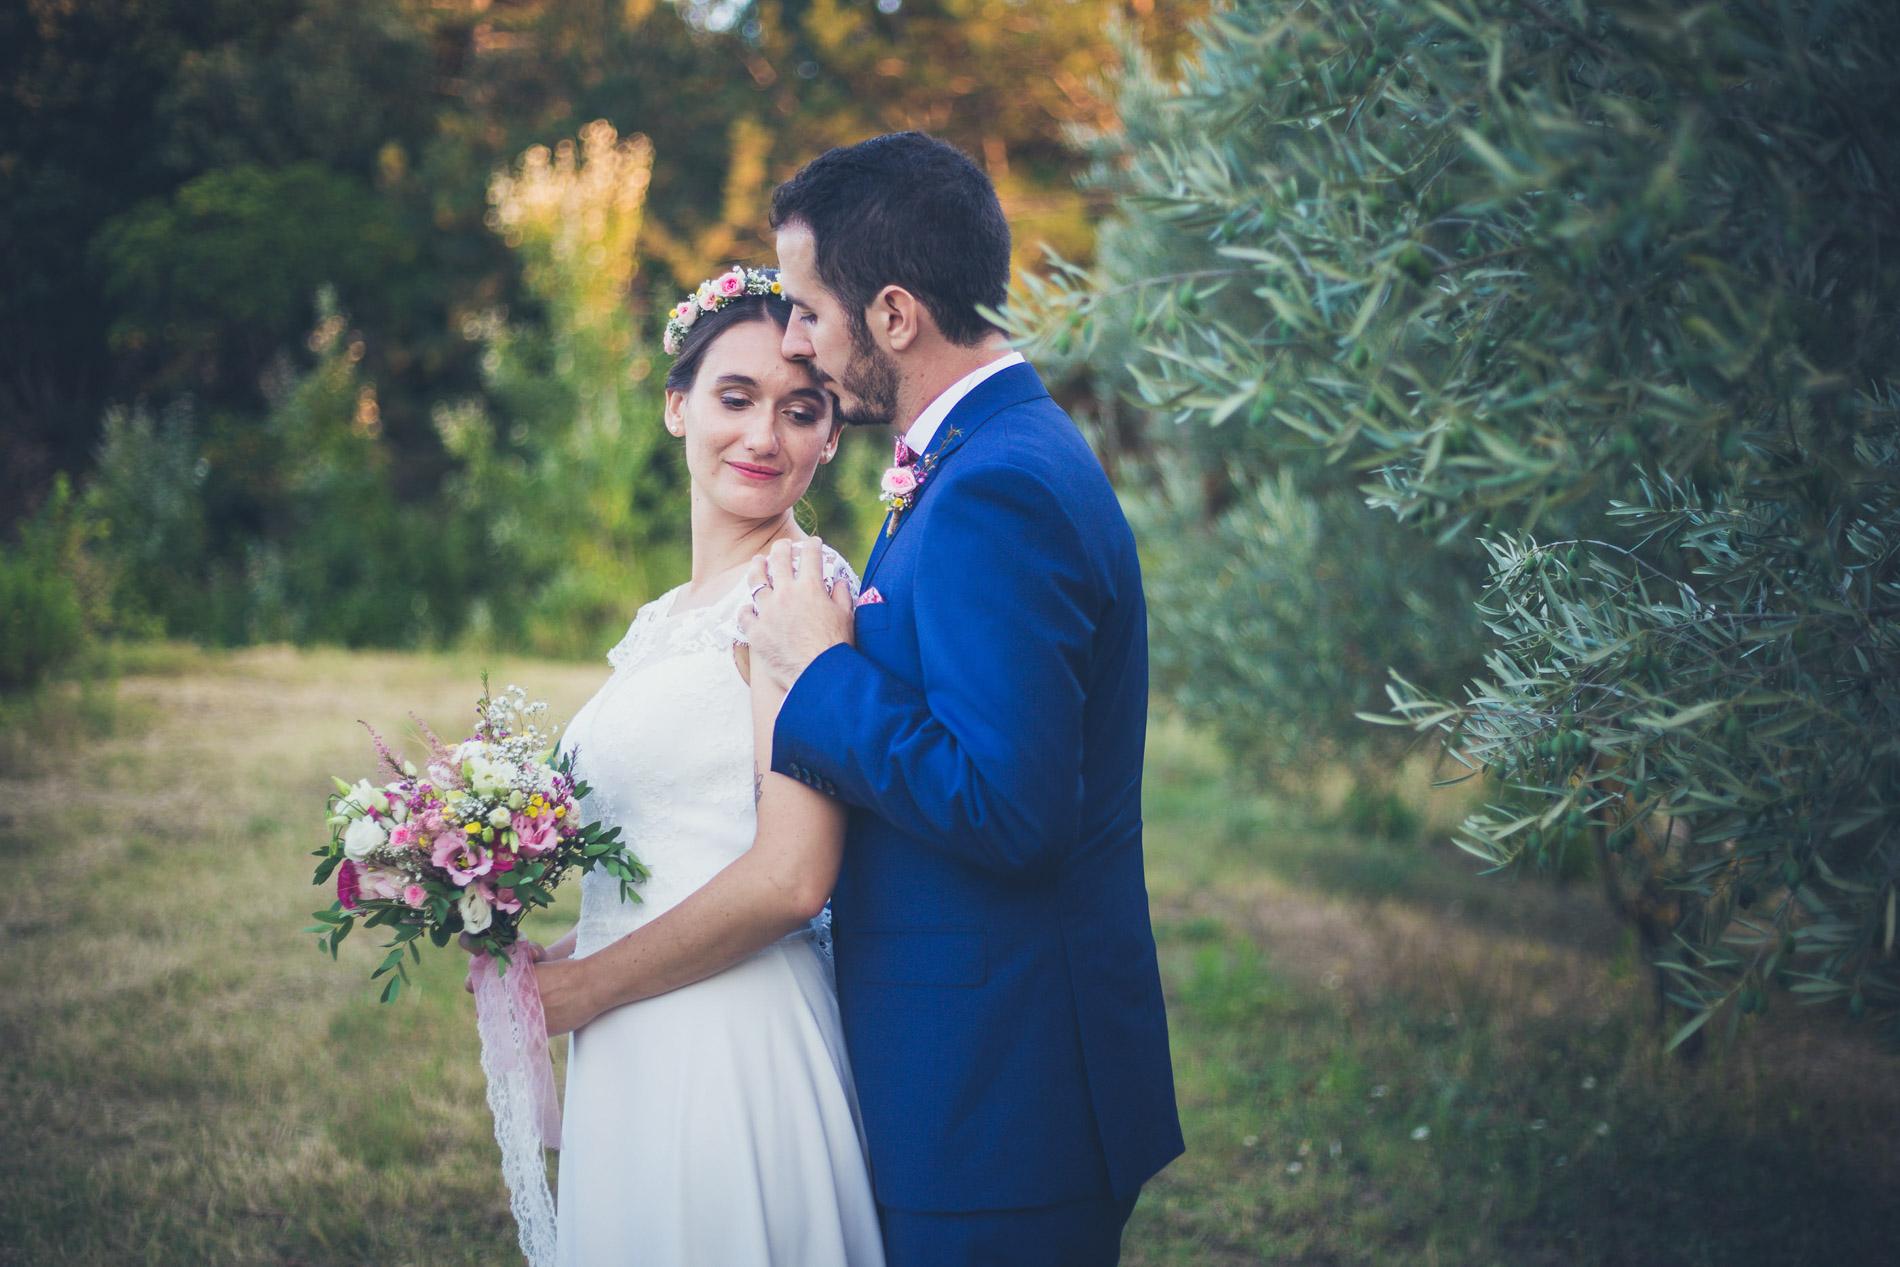 photographe-mariage-carcassonne-couple-35